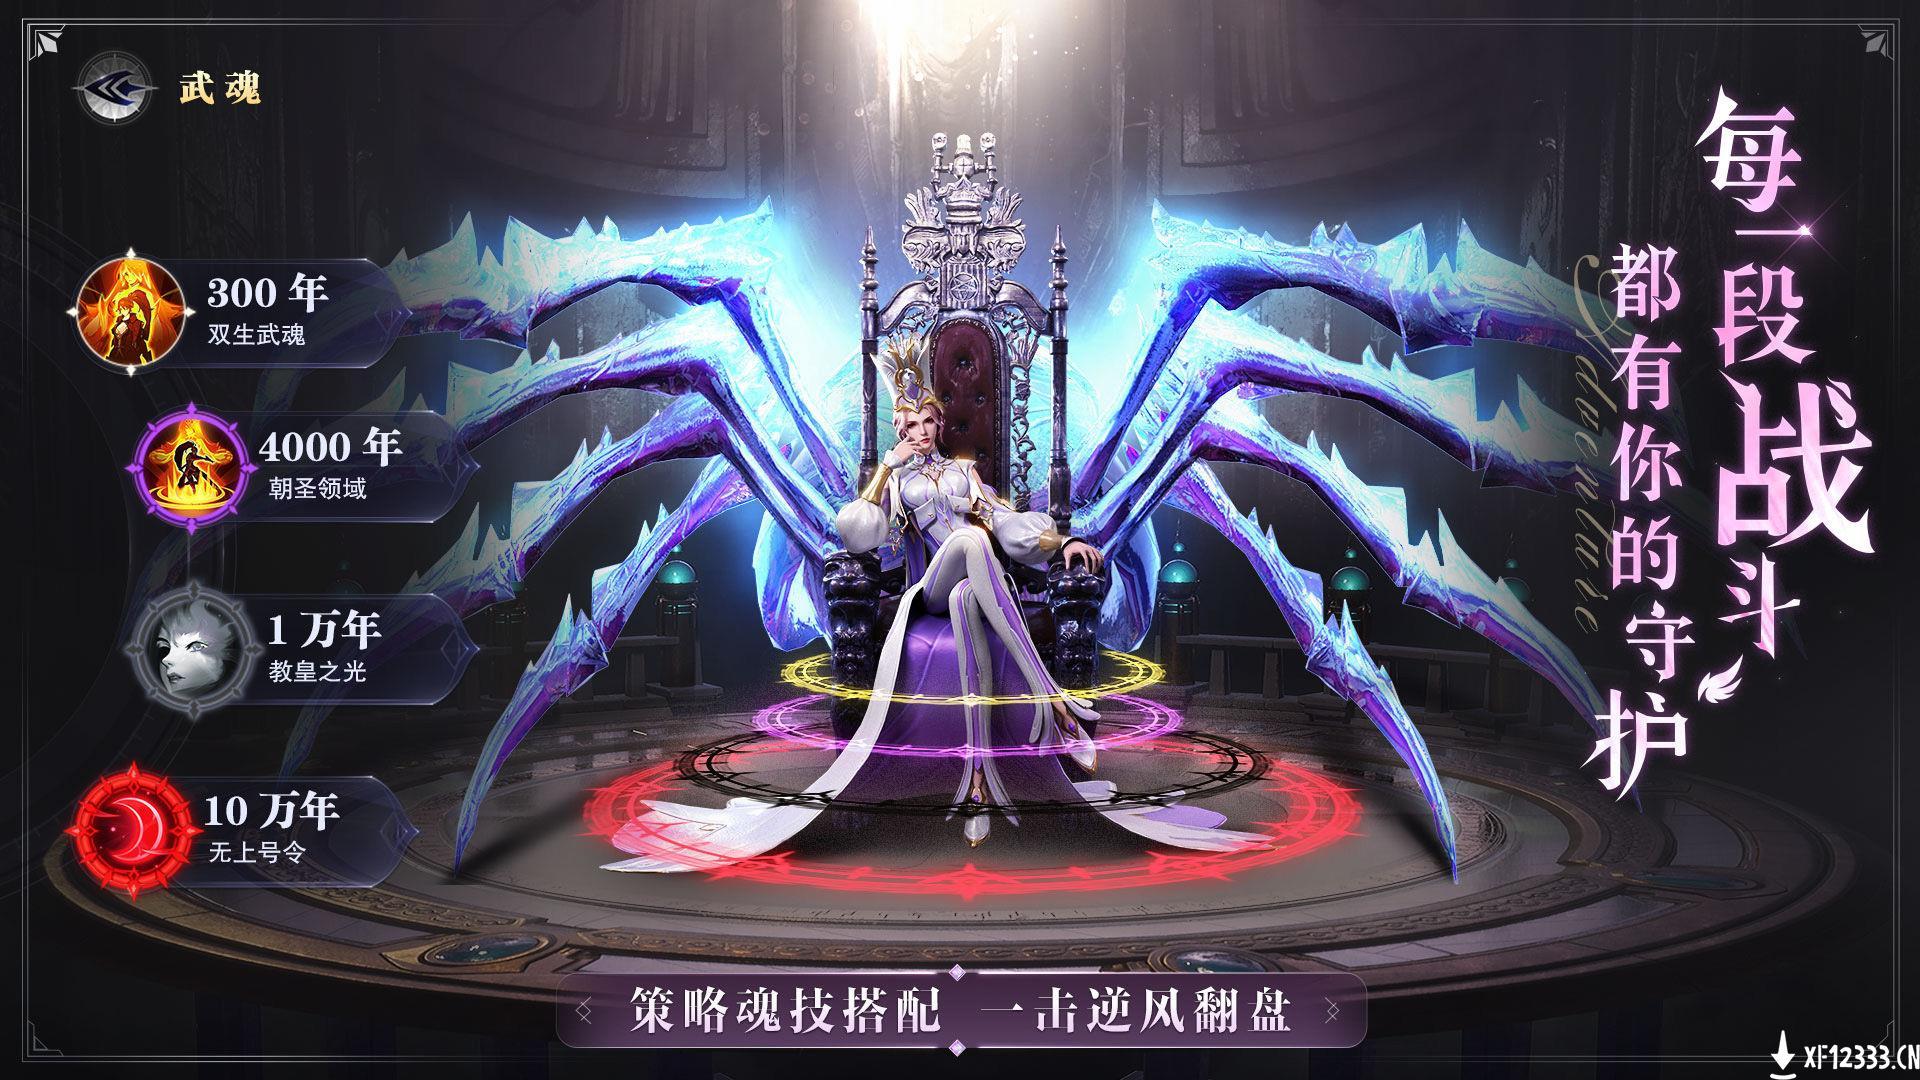 斗罗大陆:魂师对决手游下载_斗罗大陆:魂师对决手游最新版免费下载